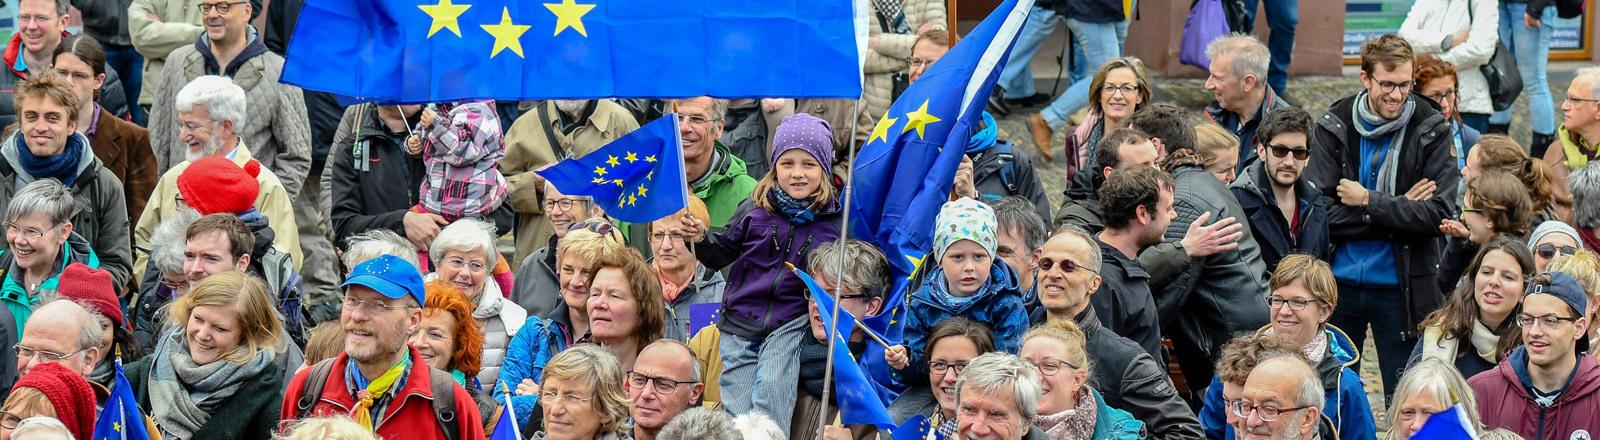 Menschen halten Europaflaggen hoch